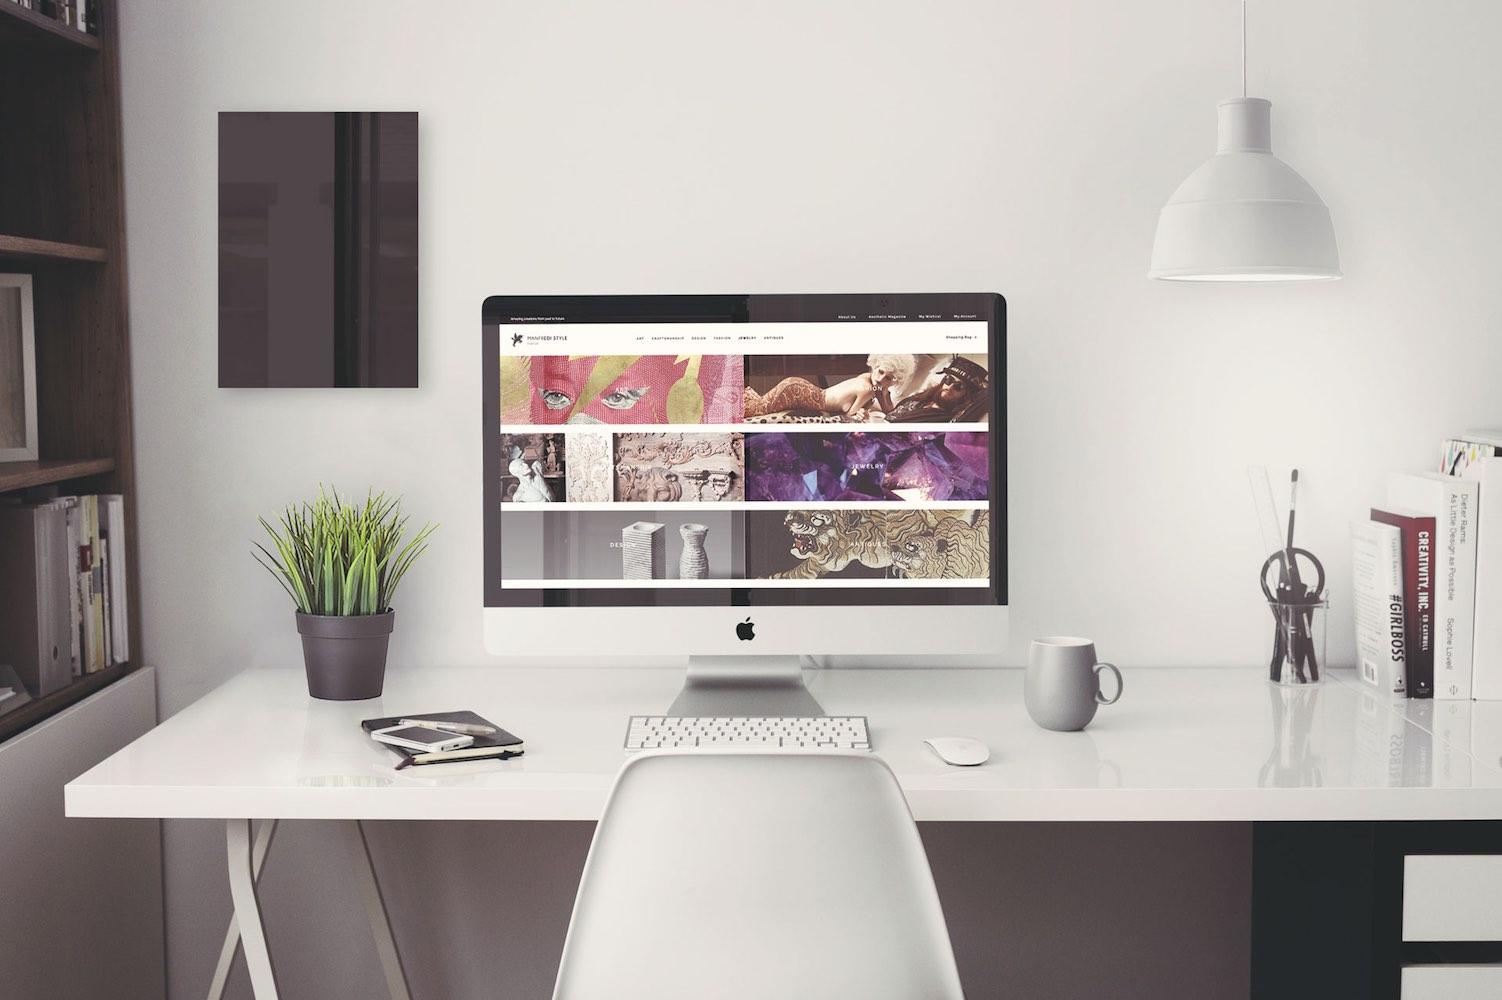 web marketing consulenza ux ecommerce fashion moda arte luxury ecommerce